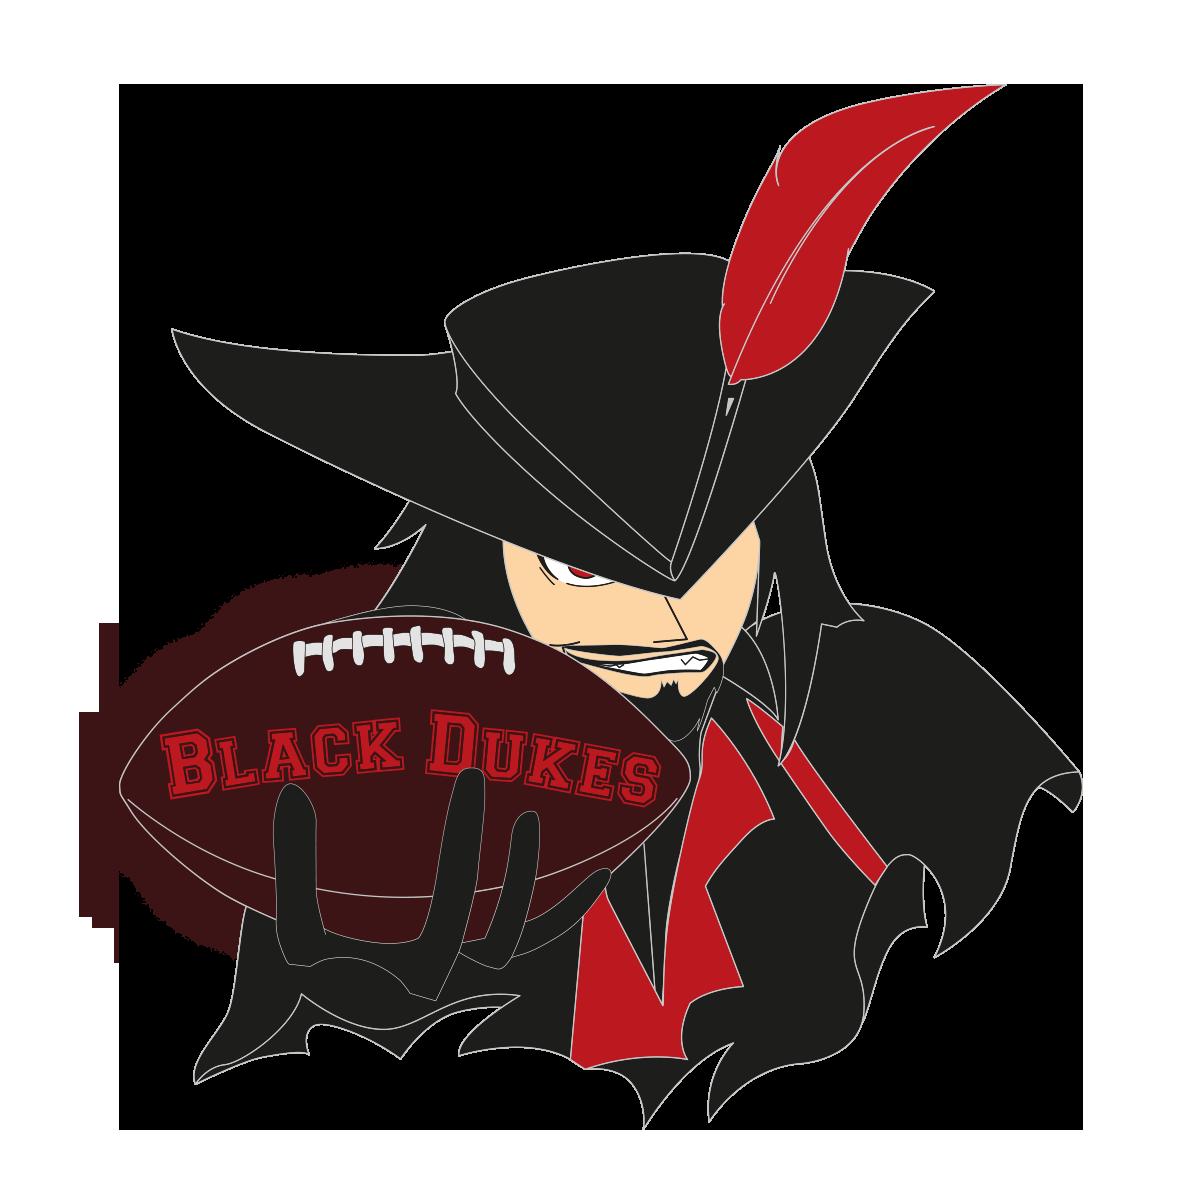 Black Dukes